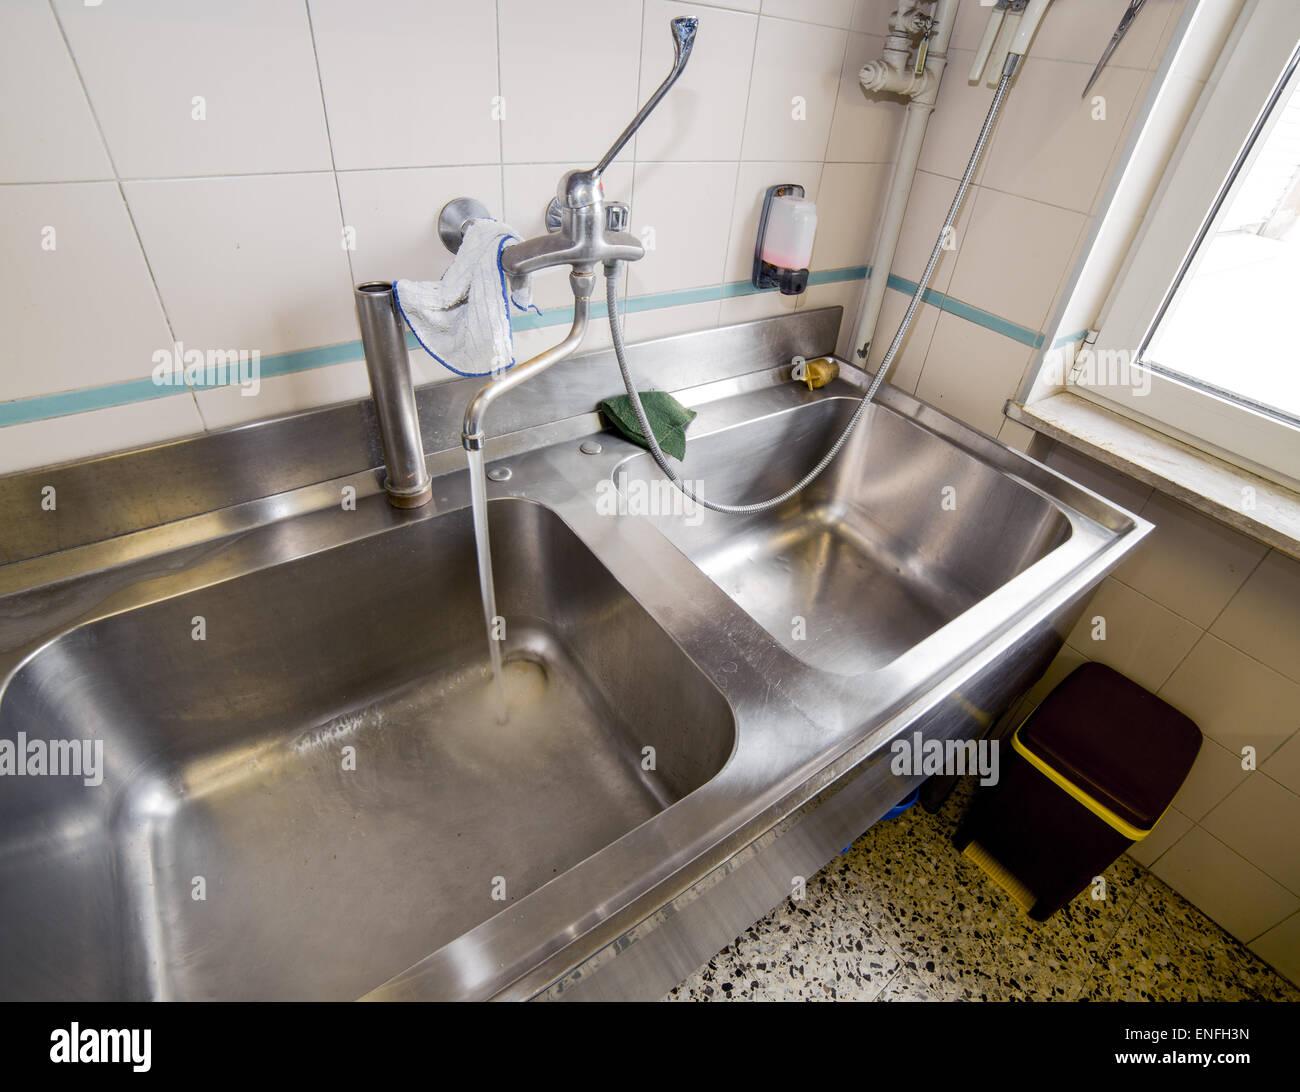 Großes Spülbecken aus Edelstahl Großküche mit Wasserhahn öffnen Stockfoto